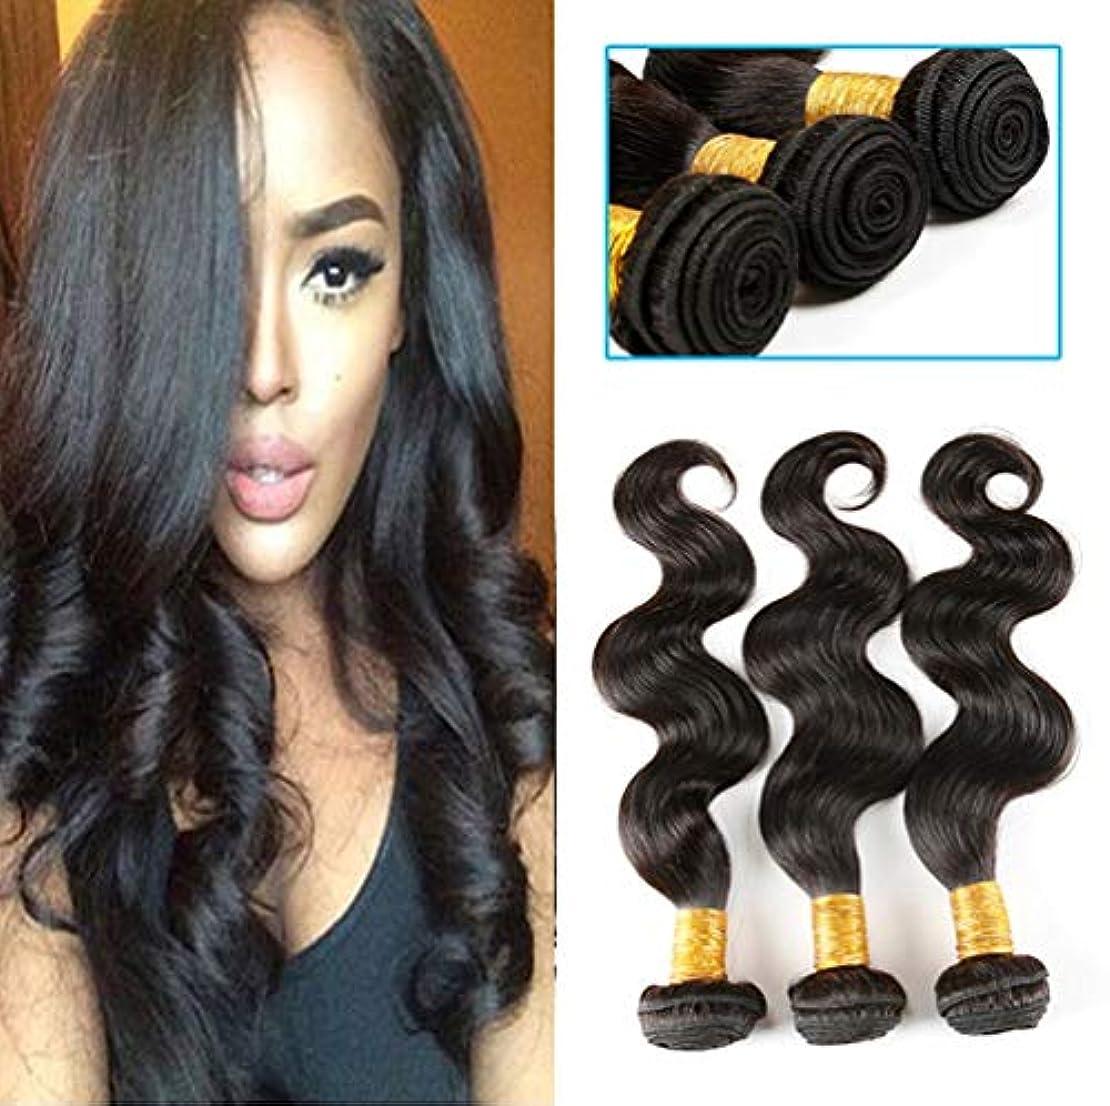 先史時代の破産測定可能ブラジルの髪の束を編む女性の髪の毛人間の髪の毛の人間の髪の束ブラジルの身体の波の束(3束)